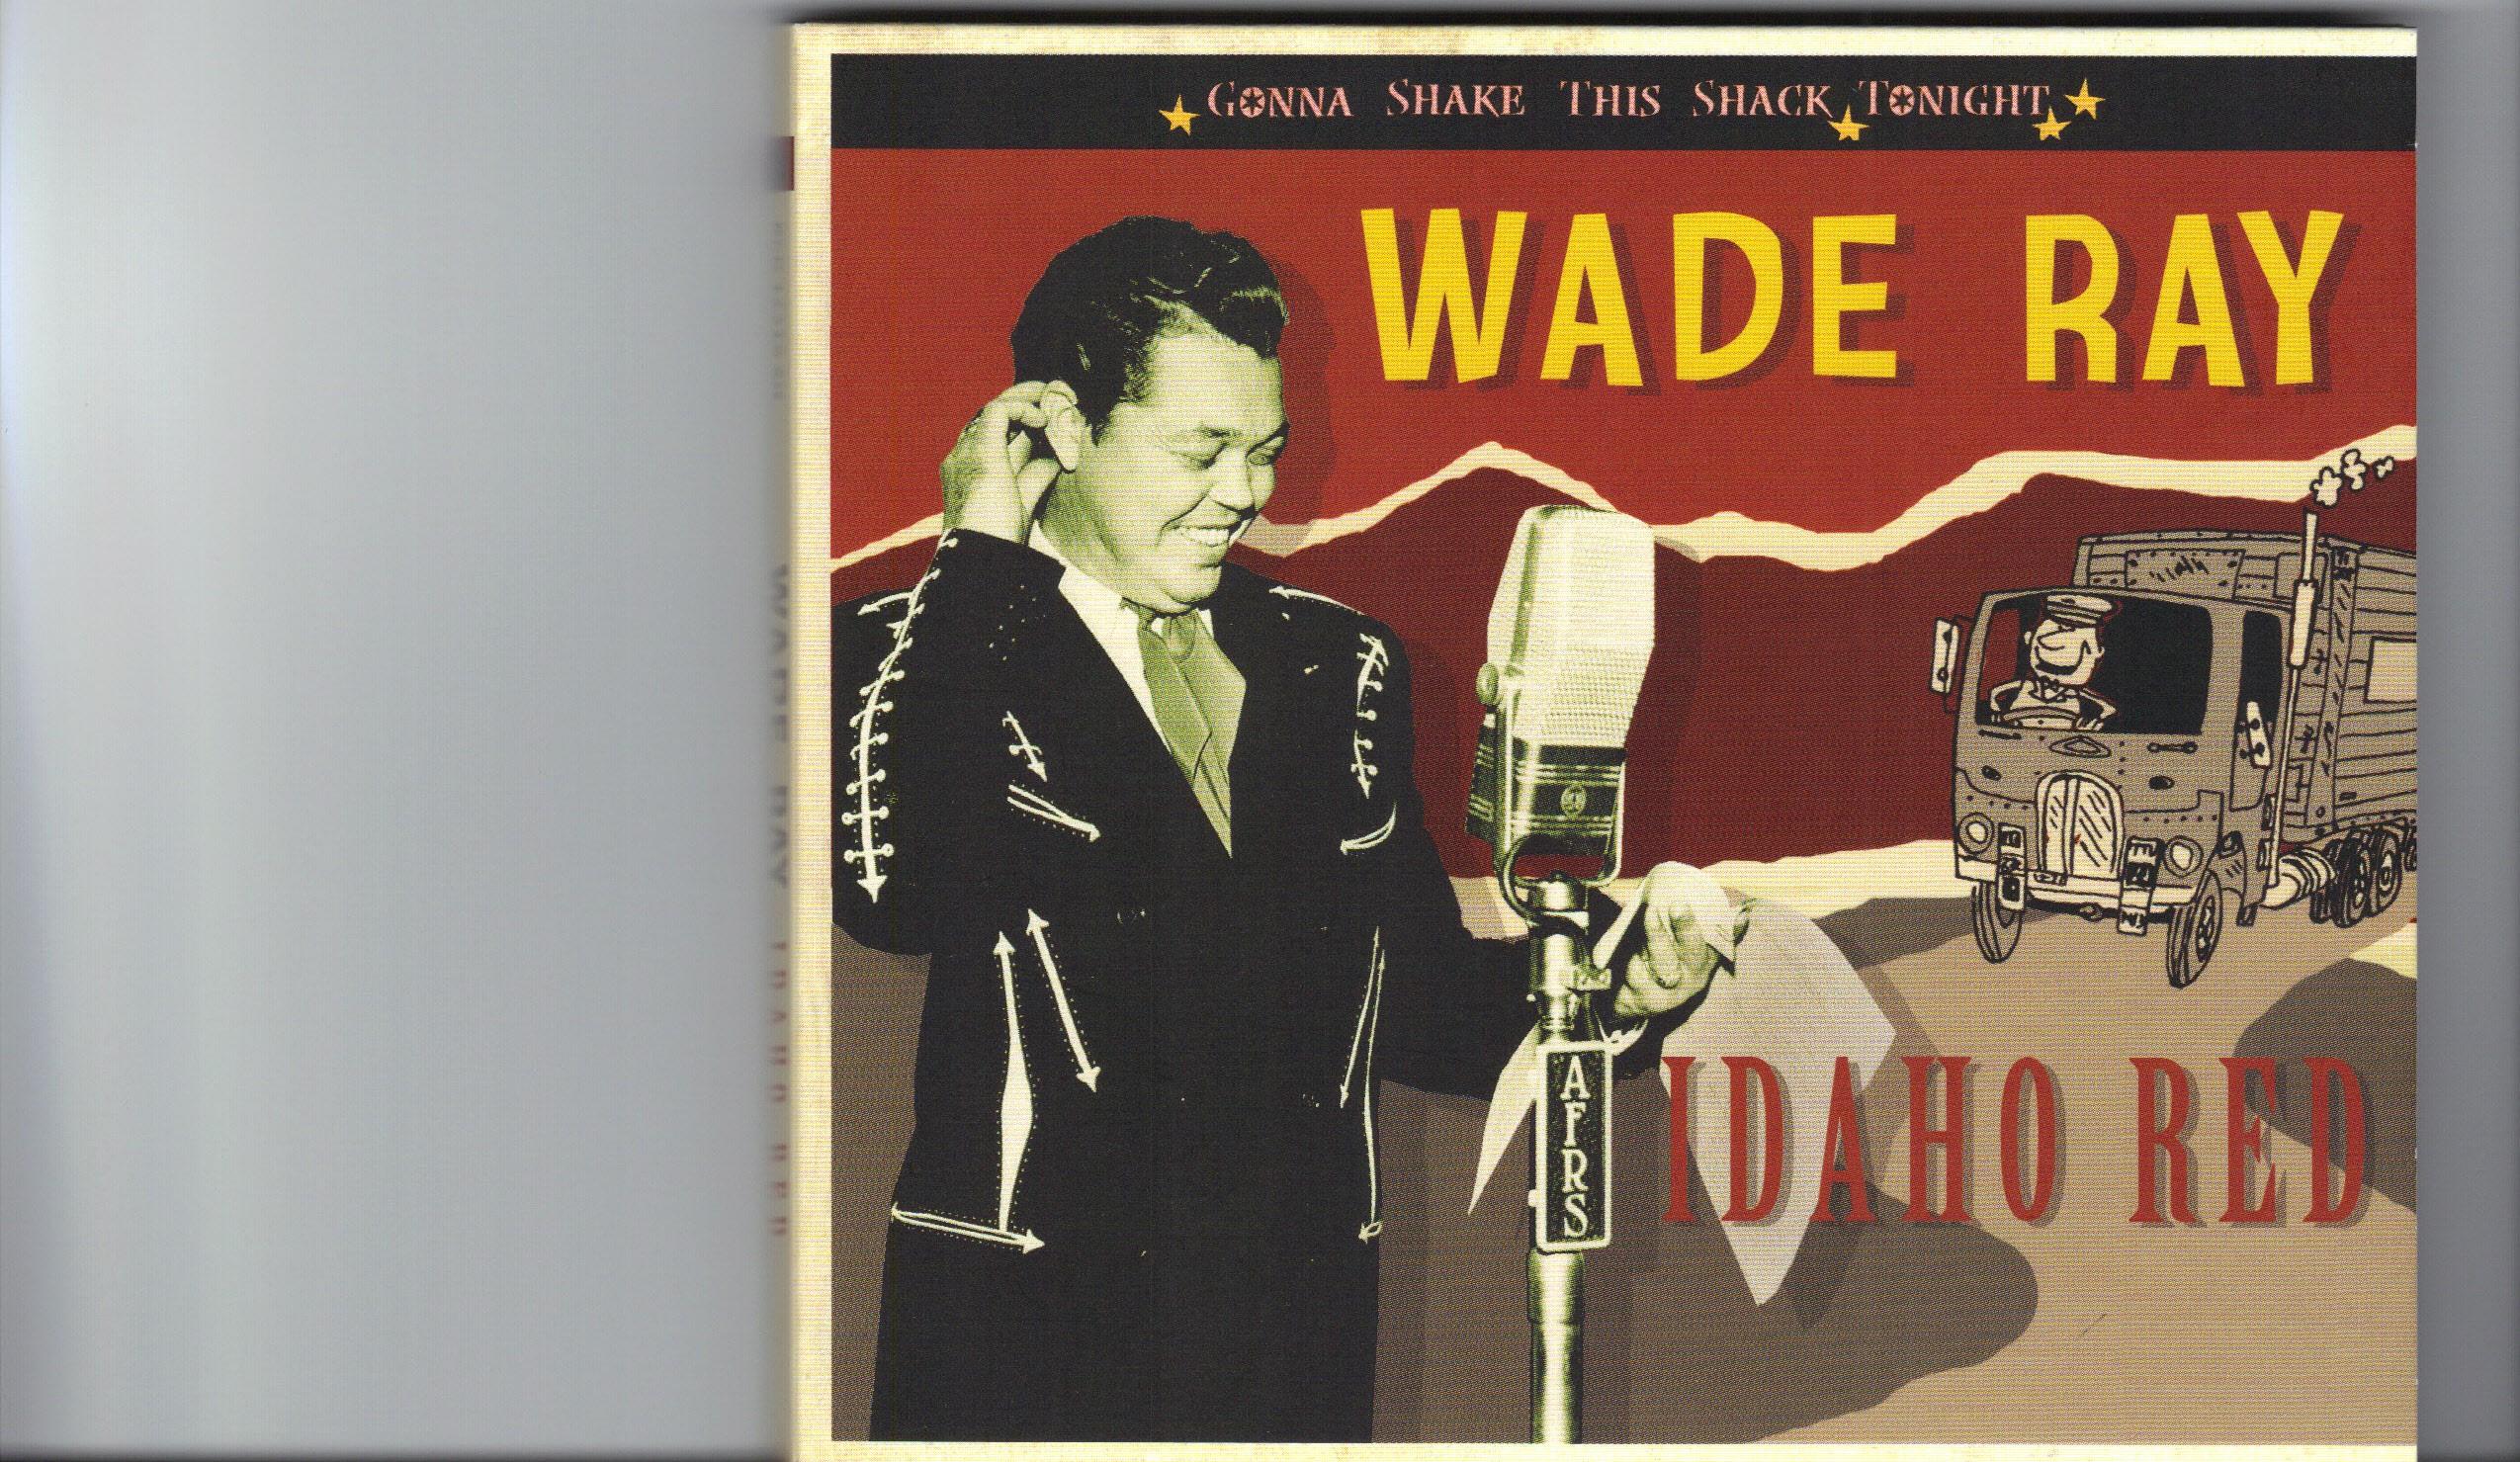 OJ Wade Ray CD cover 150x150 O J Sikes Reviews